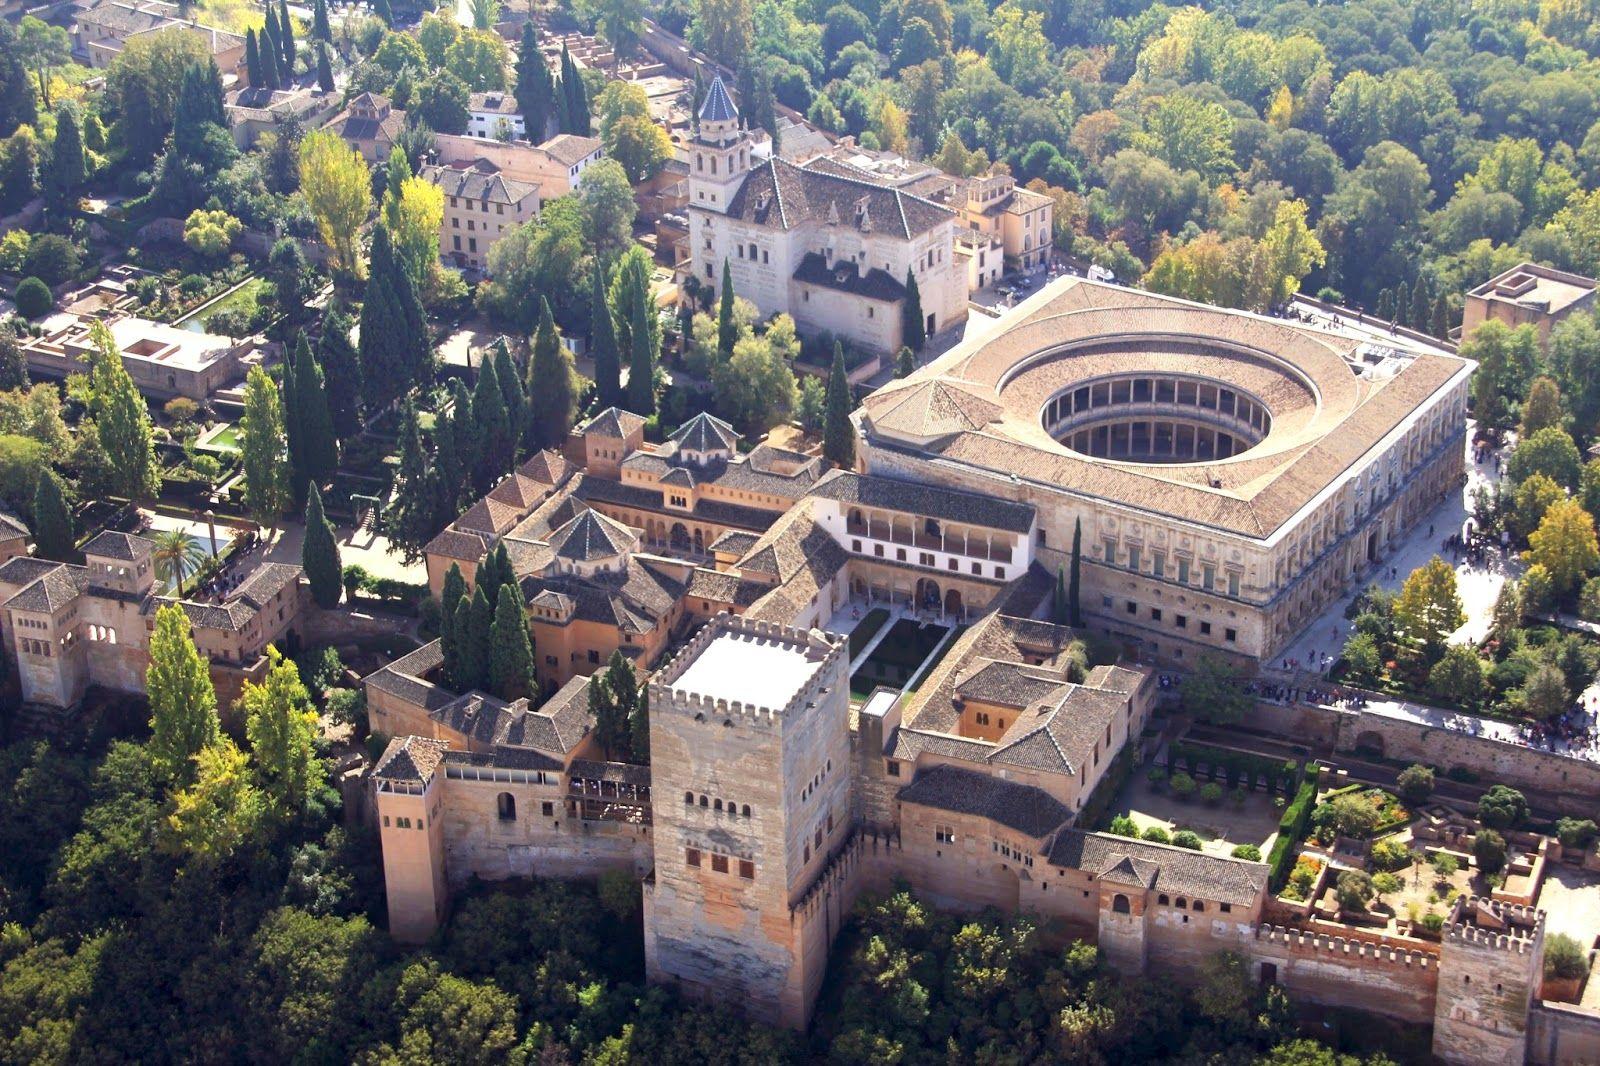 Vista Aérea De Palacio De Carlos I En La Alhambra De Granada